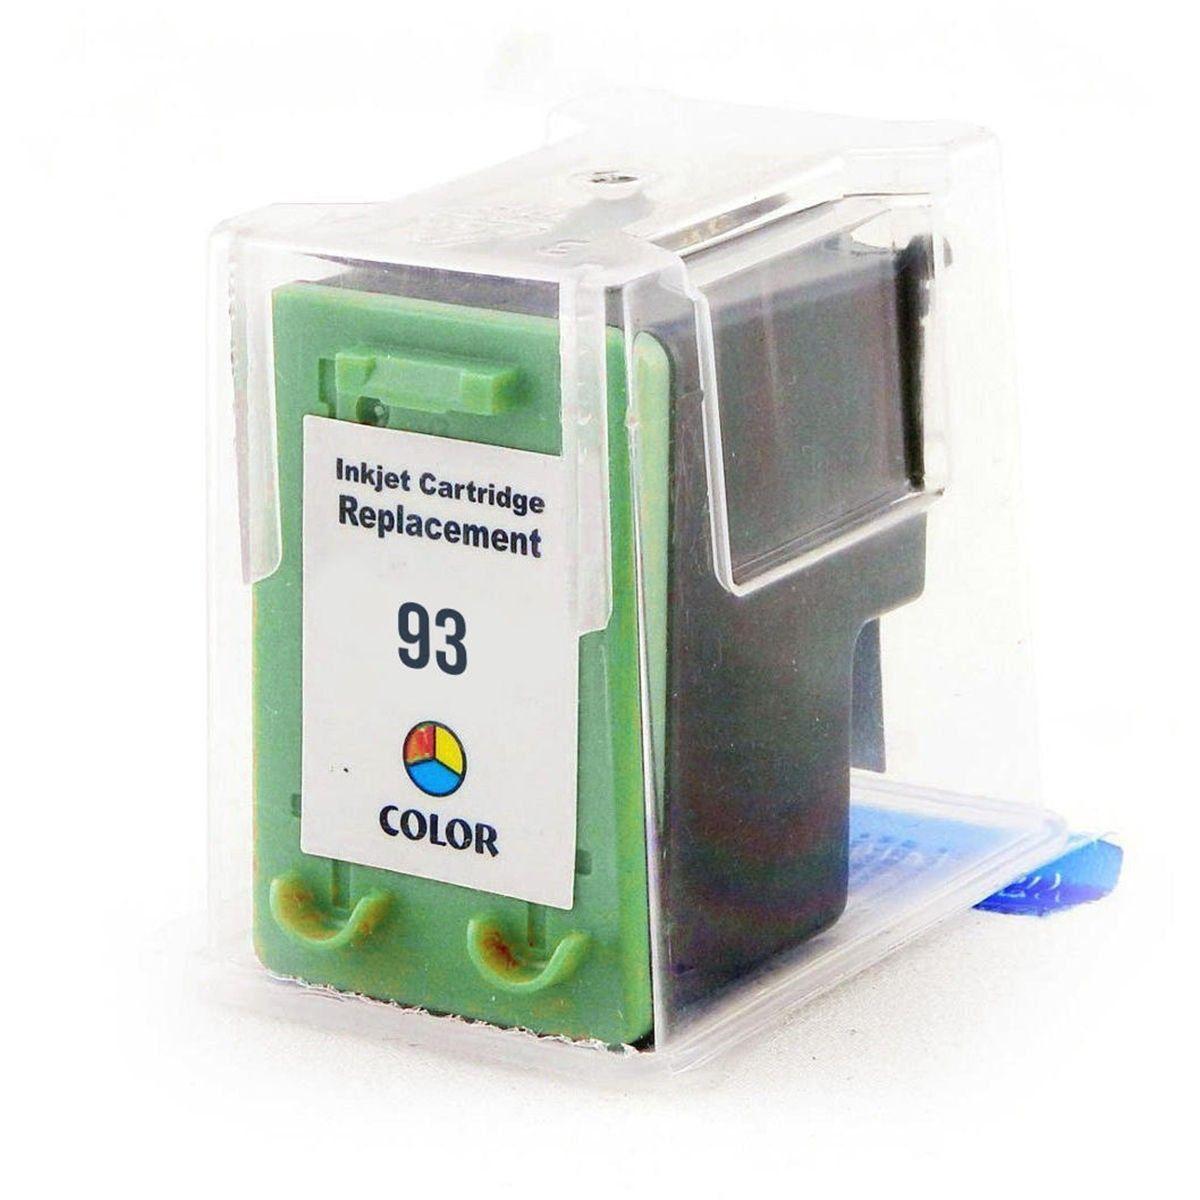 Compatível: Cartucho de Tinta 93 para HP 1510 C3180 C3100 D4100 1507 5440 6210 2570 PSC1510 3180 / Colorido / 9ml